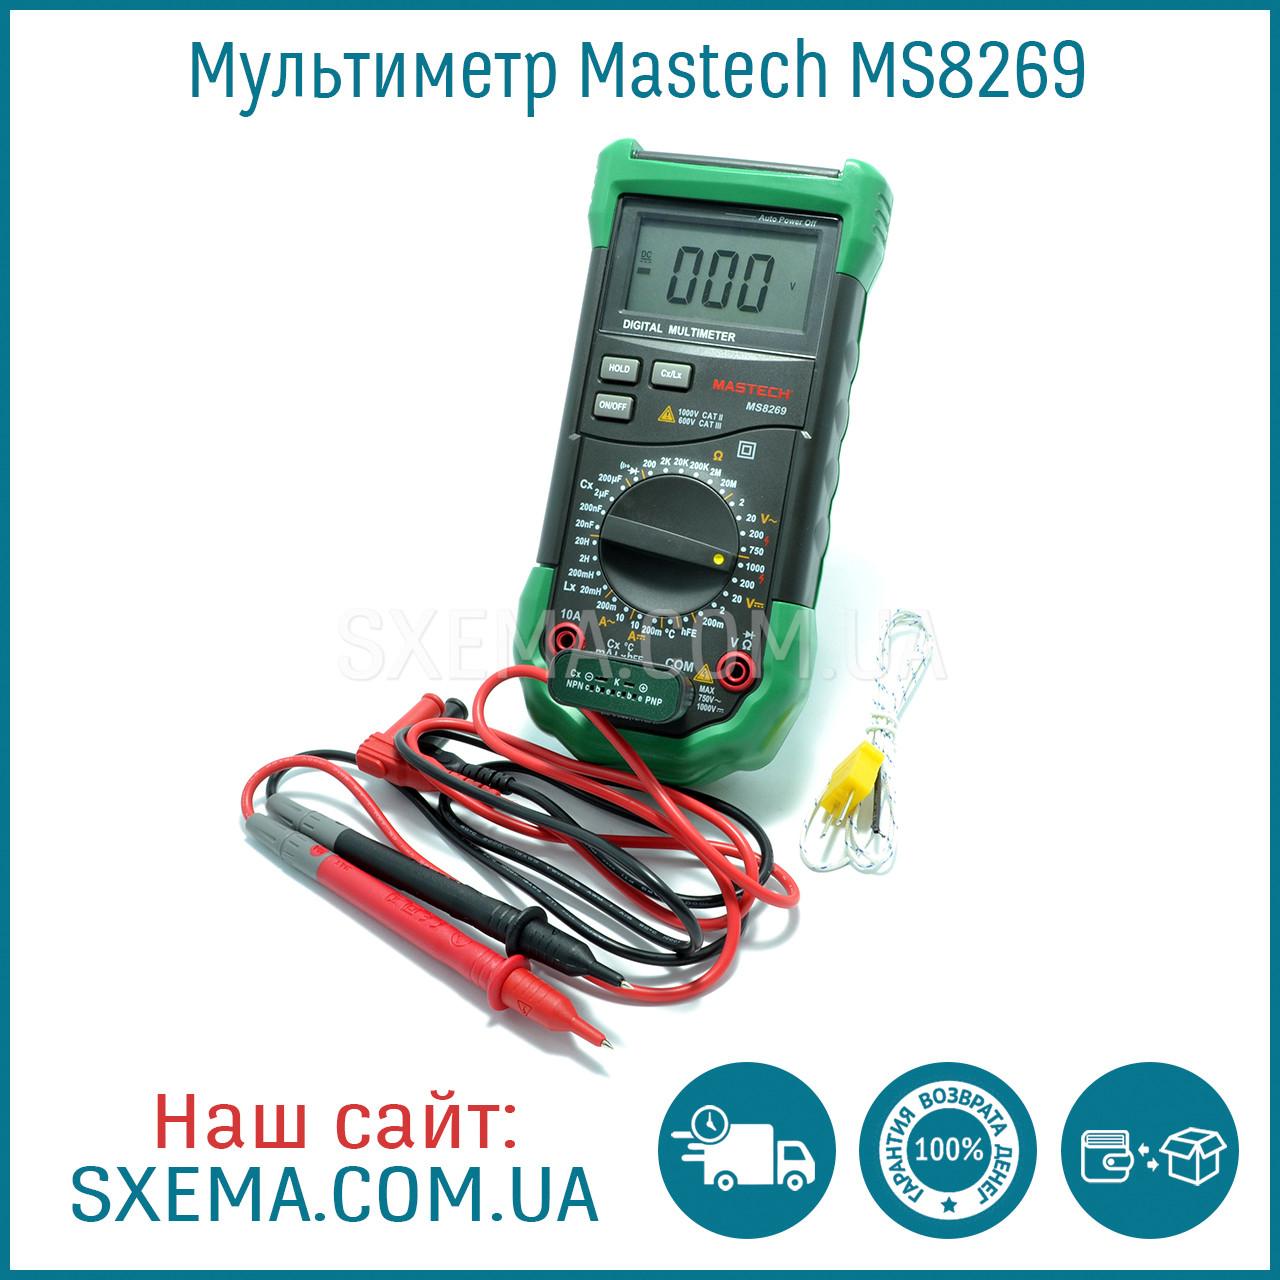 Мультиметр MASTECH MS8269 с термопарой, автовыключение